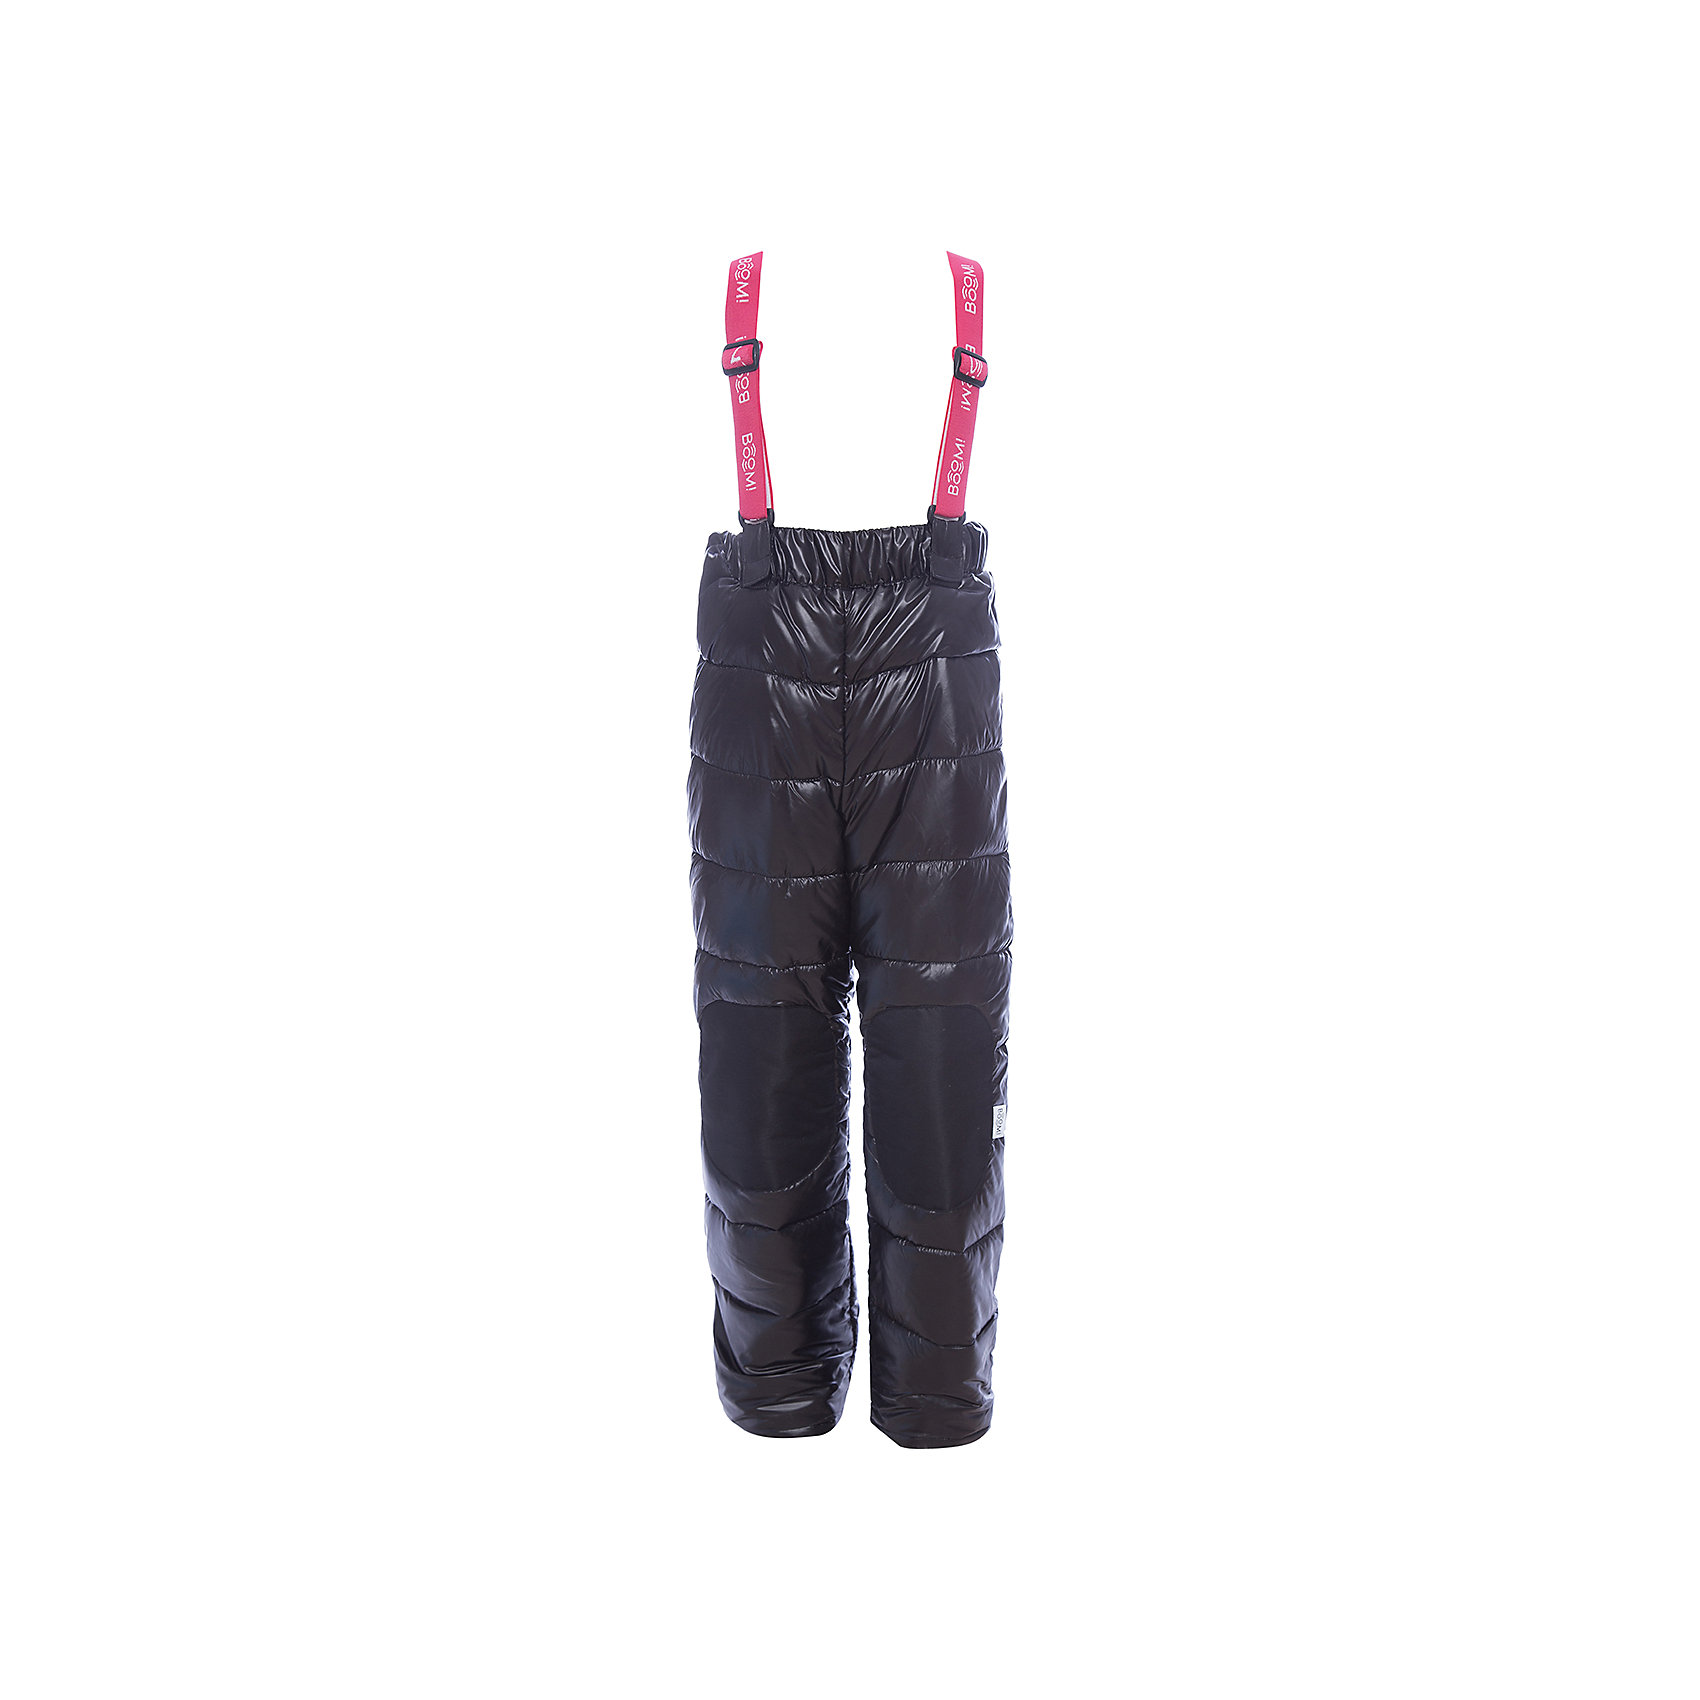 Полукомбинезон BOOM by Orby для девочкиВерхняя одежда<br>Характеристики товара:<br><br>• цвет: черный<br>• состав ткани: болонь pu milky<br>• подкладка: полиэстер пуходержащий<br>• утеплитель: эко синтепон<br>• сезон: зима<br>• температурный режим: от 0 до -30С<br>• плотность утеплителя: 200 г/м2<br>• пояс: резинка<br>• страна бренда: Россия<br>• страна изготовитель: Россия<br><br>Удобный полукомбинезон легко надевается и снимается. Такой детской полукомбинезон отлично подойдет для зимних холодов - подкладка и наполнитель для зимнего полукомбинезона рассчитаны на морозную погоду. Этот полукомбинезон для девочки поможет обеспечить тепло и комфорт. <br><br>Полукомбинезон для девочки BOOM by Orby (Бум бай Орби) можно купить в нашем интернет-магазине.<br><br>Ширина мм: 215<br>Глубина мм: 88<br>Высота мм: 191<br>Вес г: 336<br>Цвет: черный<br>Возраст от месяцев: 144<br>Возраст до месяцев: 156<br>Пол: Женский<br>Возраст: Детский<br>Размер: 158,98,104,110,116,80,86,92,122,128,134,140,146,152<br>SKU: 7090517